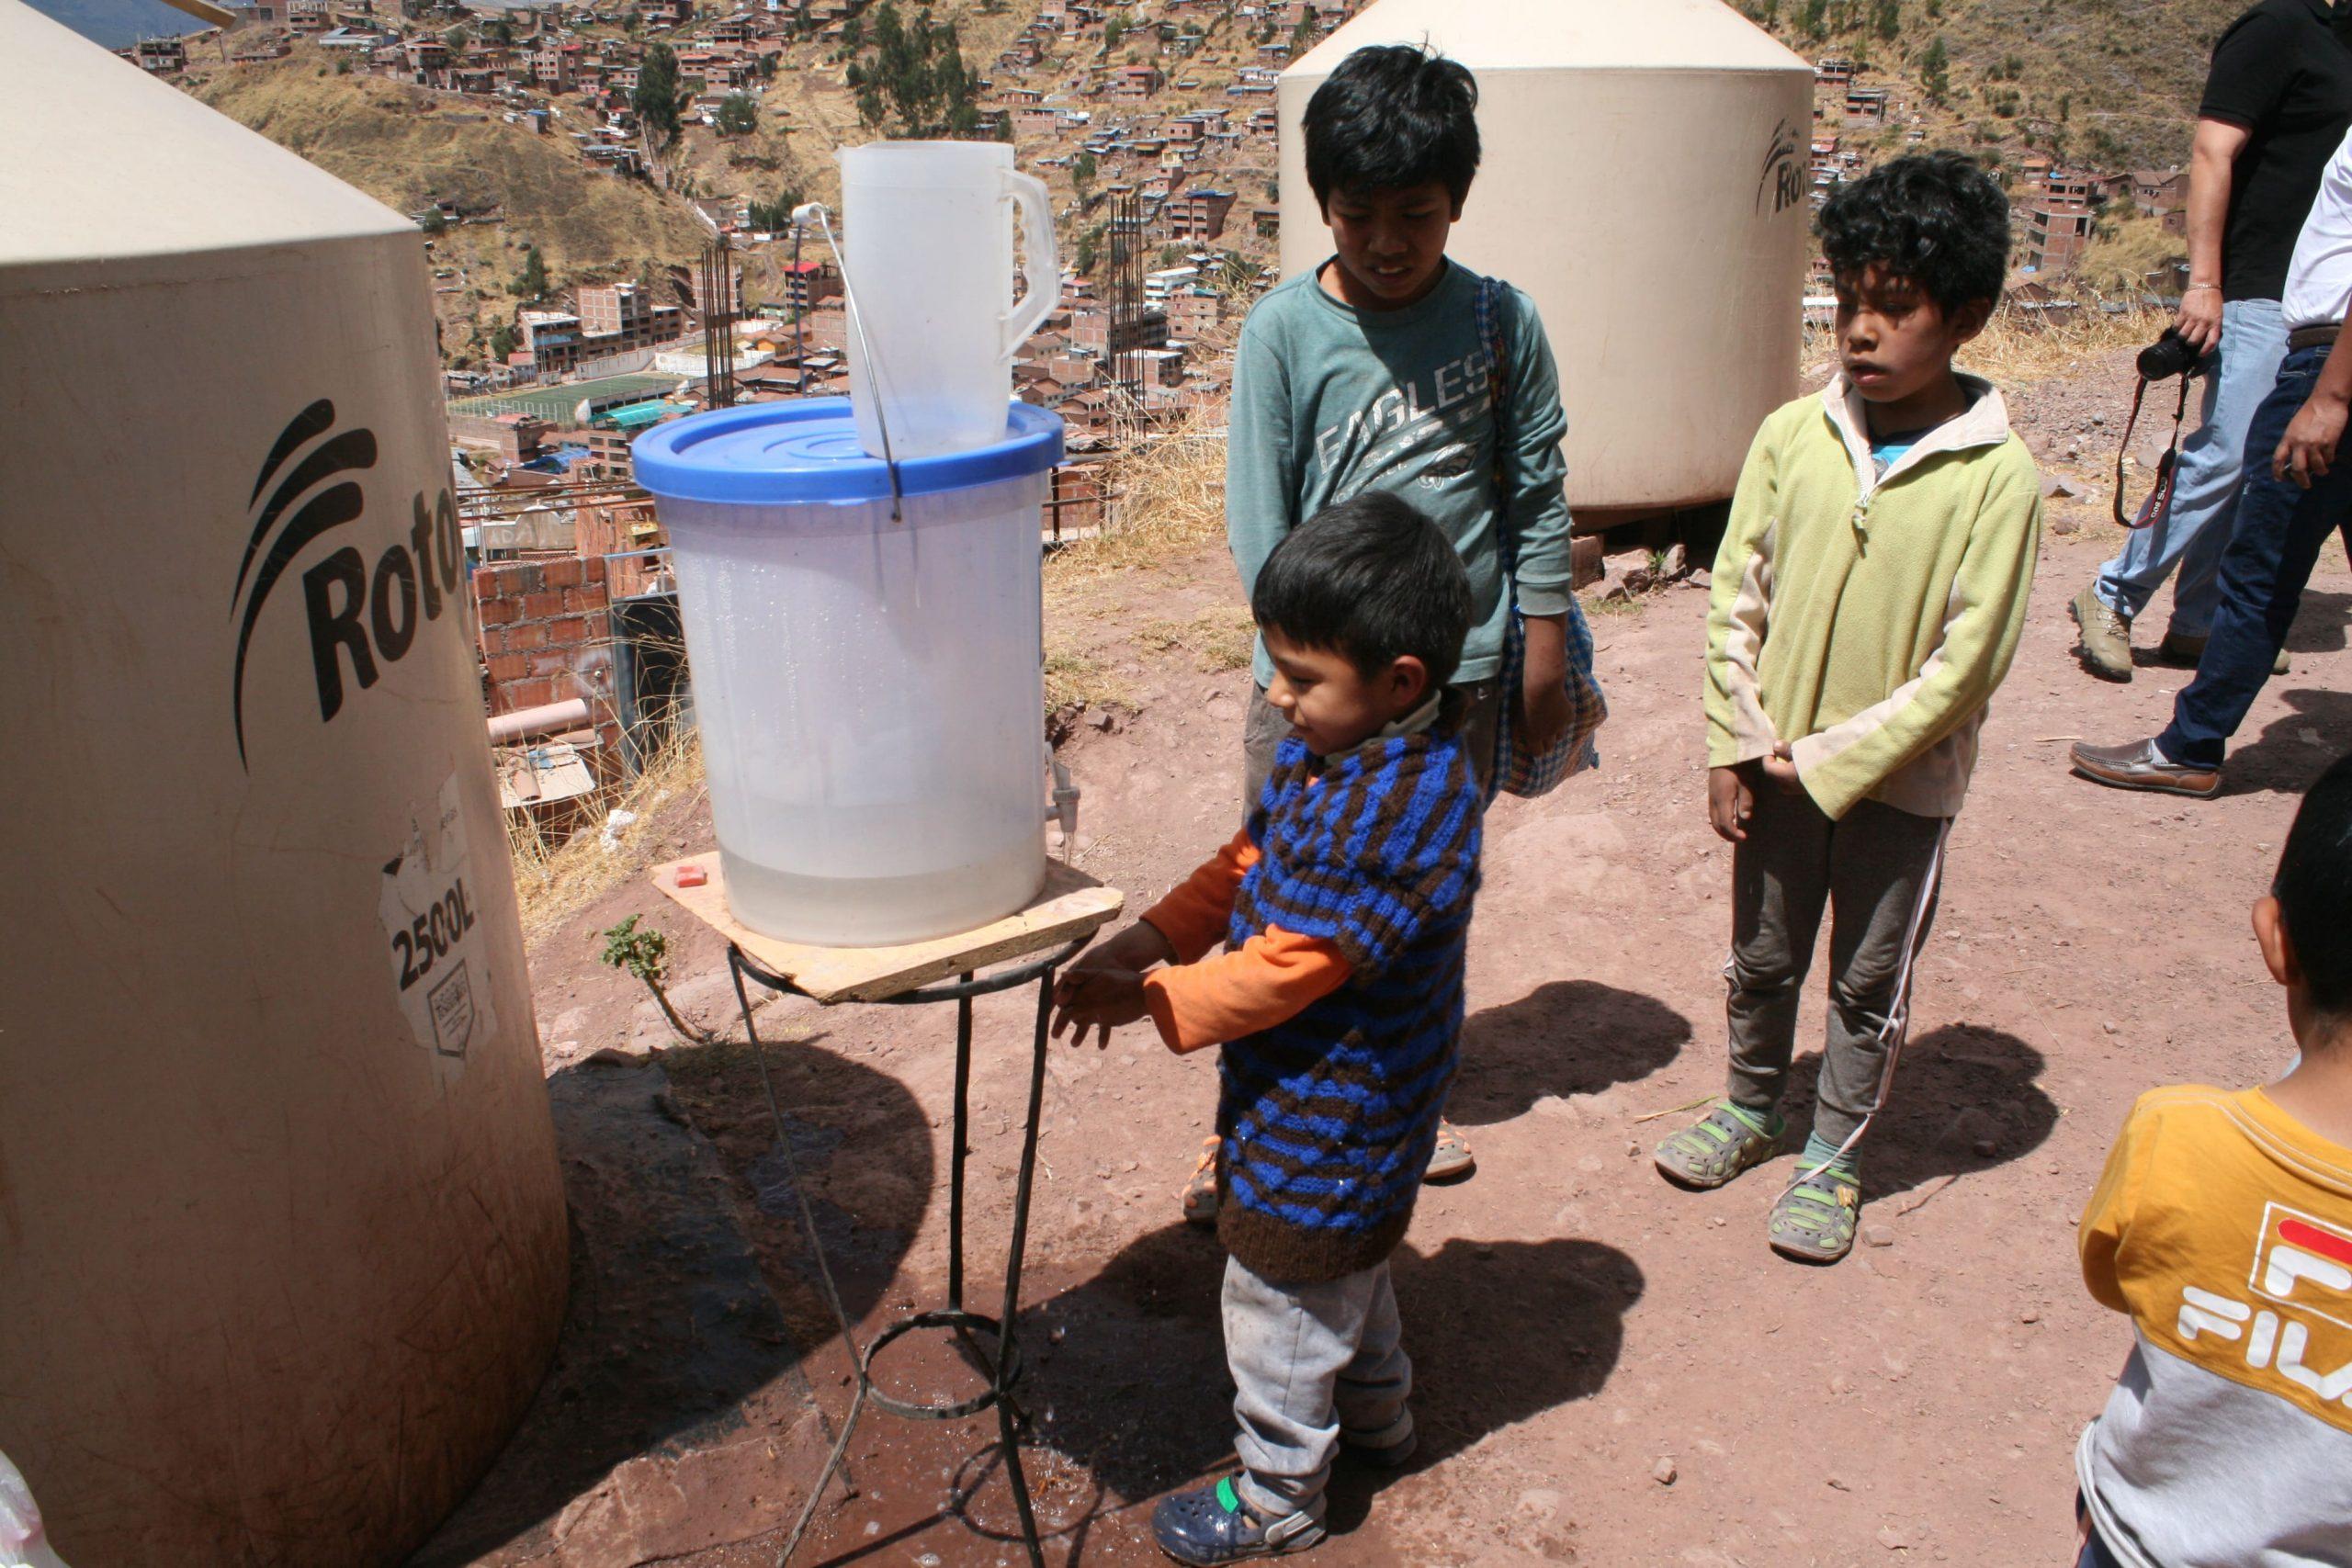 La Diputación de Córdoba y la FSU promoverán la seguridad alimentaria en los barrios periféricos marginales de la provincia del Cusco